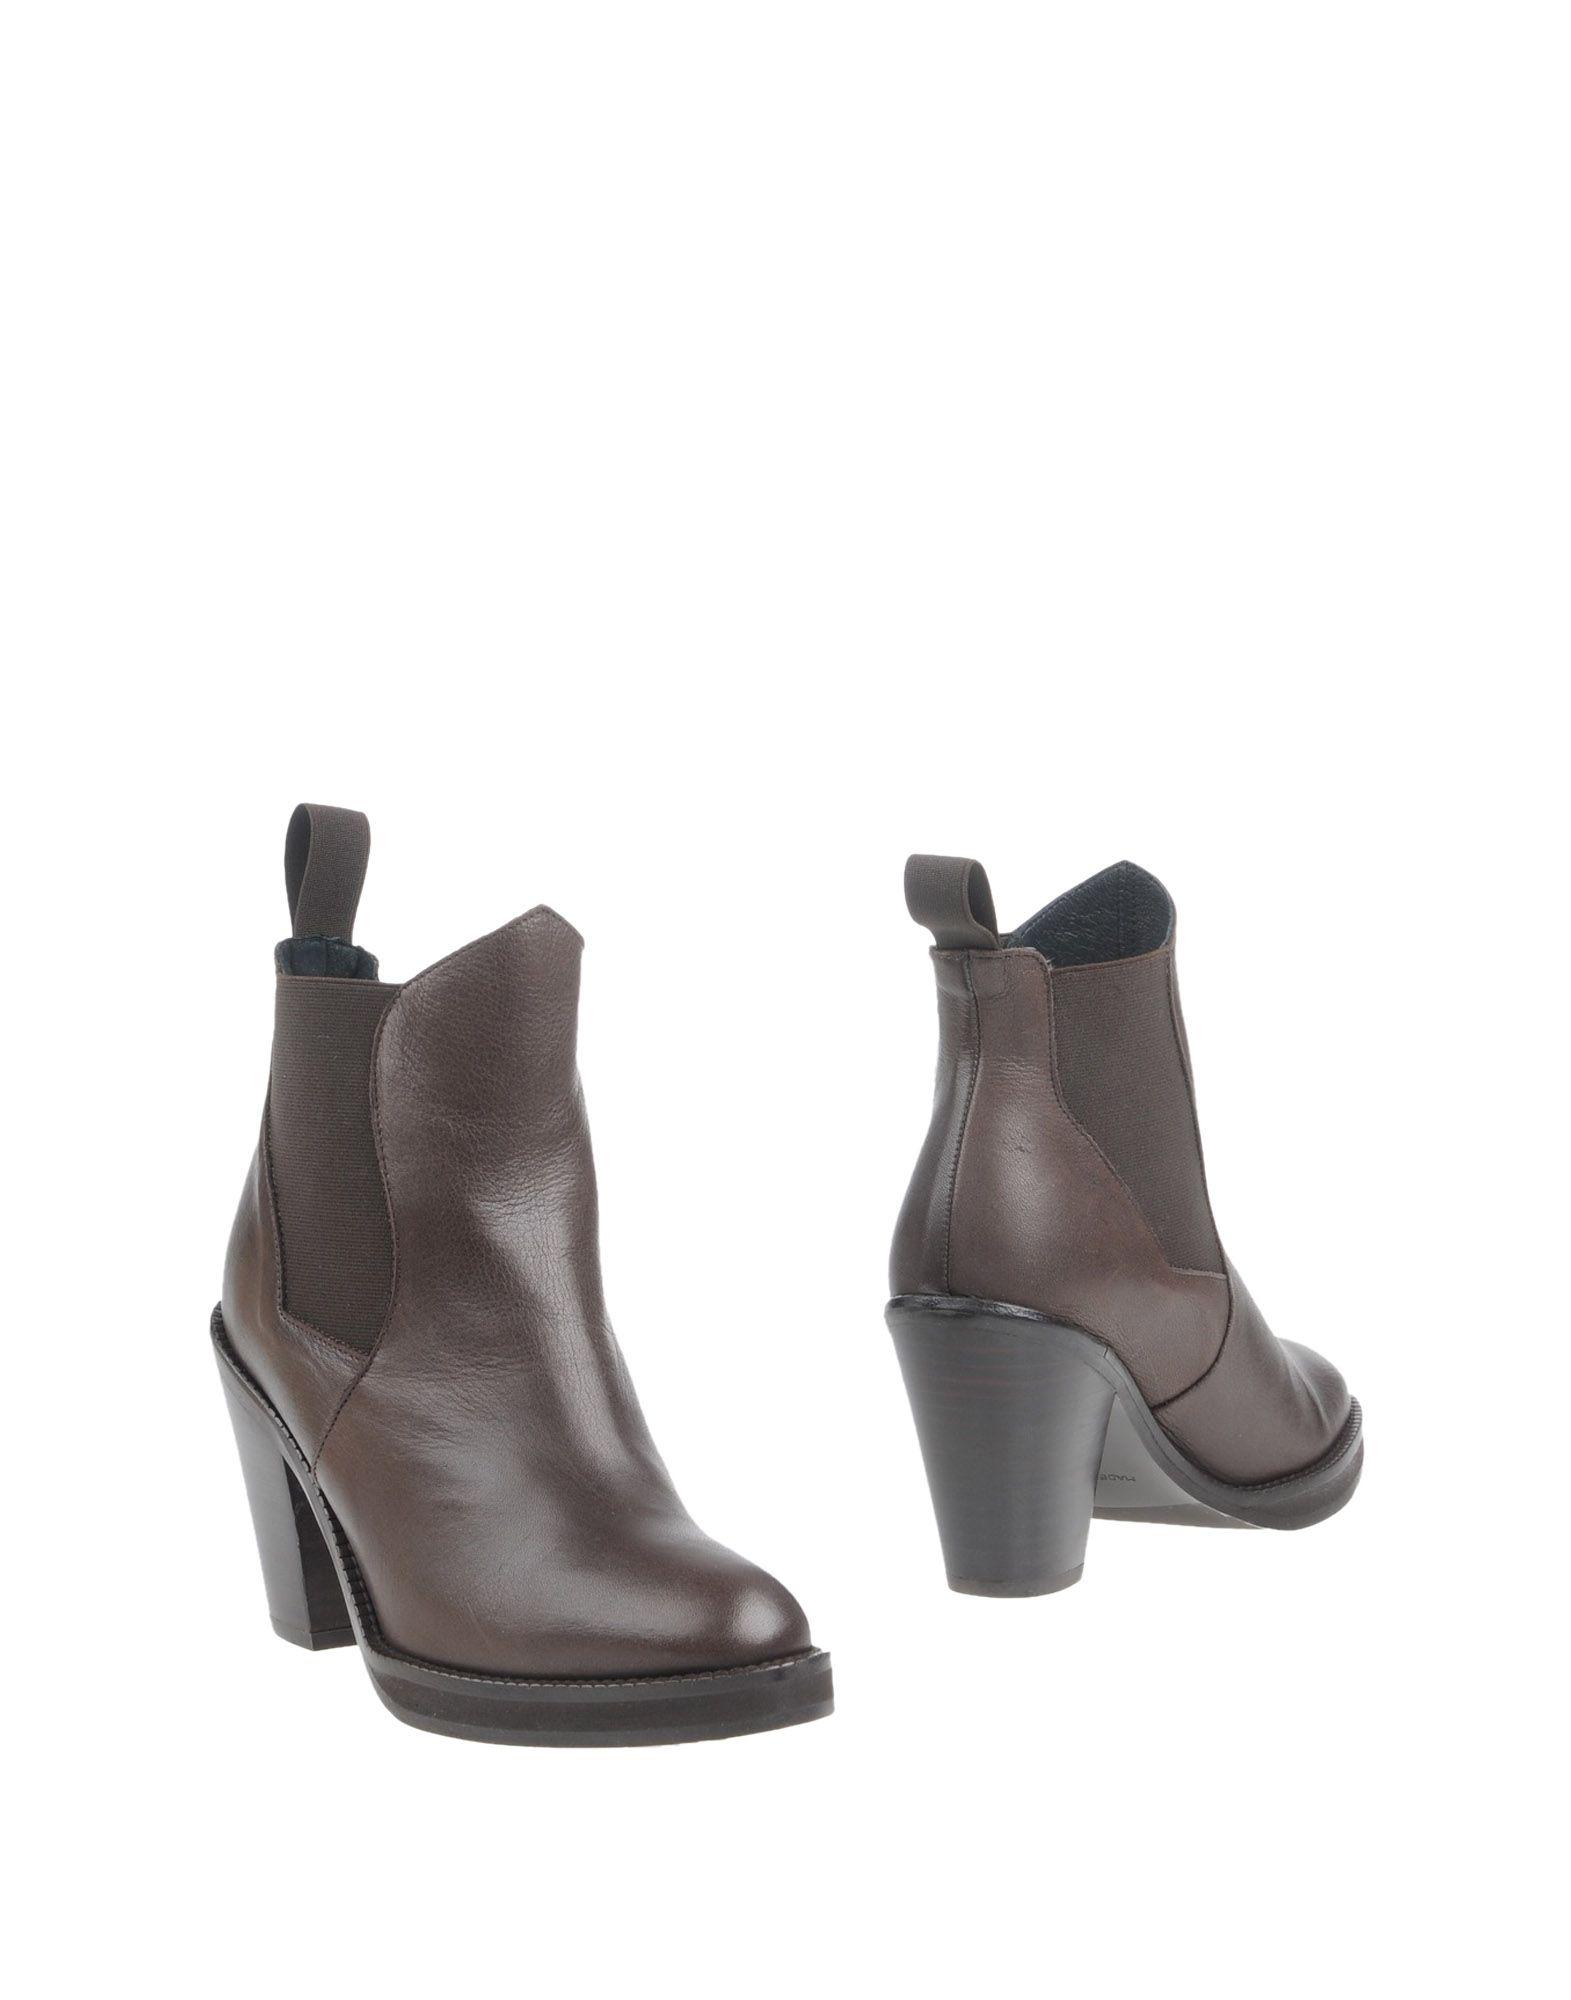 Eqüitare Chelsea Boots Damen  11236270NI Gute Qualität beliebte Schuhe